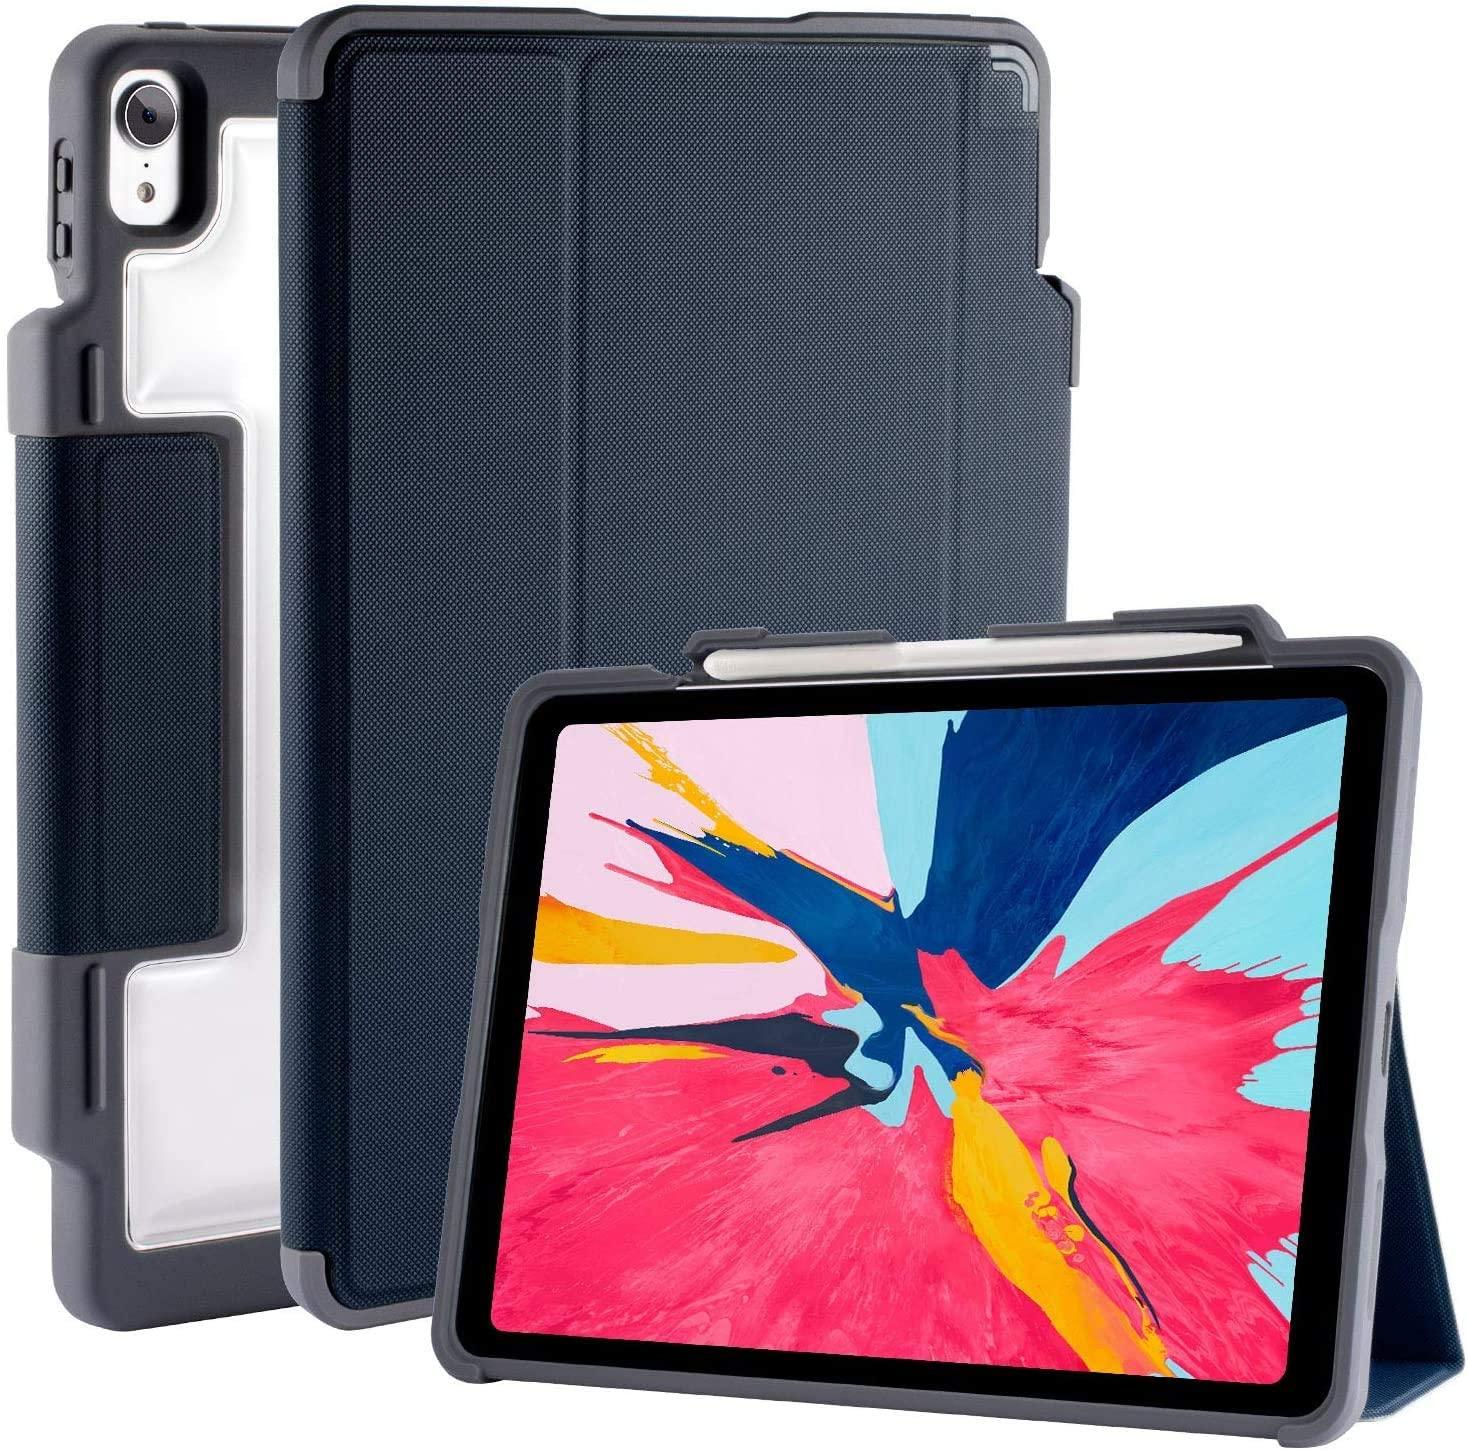 Funda folio atlas para iPad 12.9 STM blue